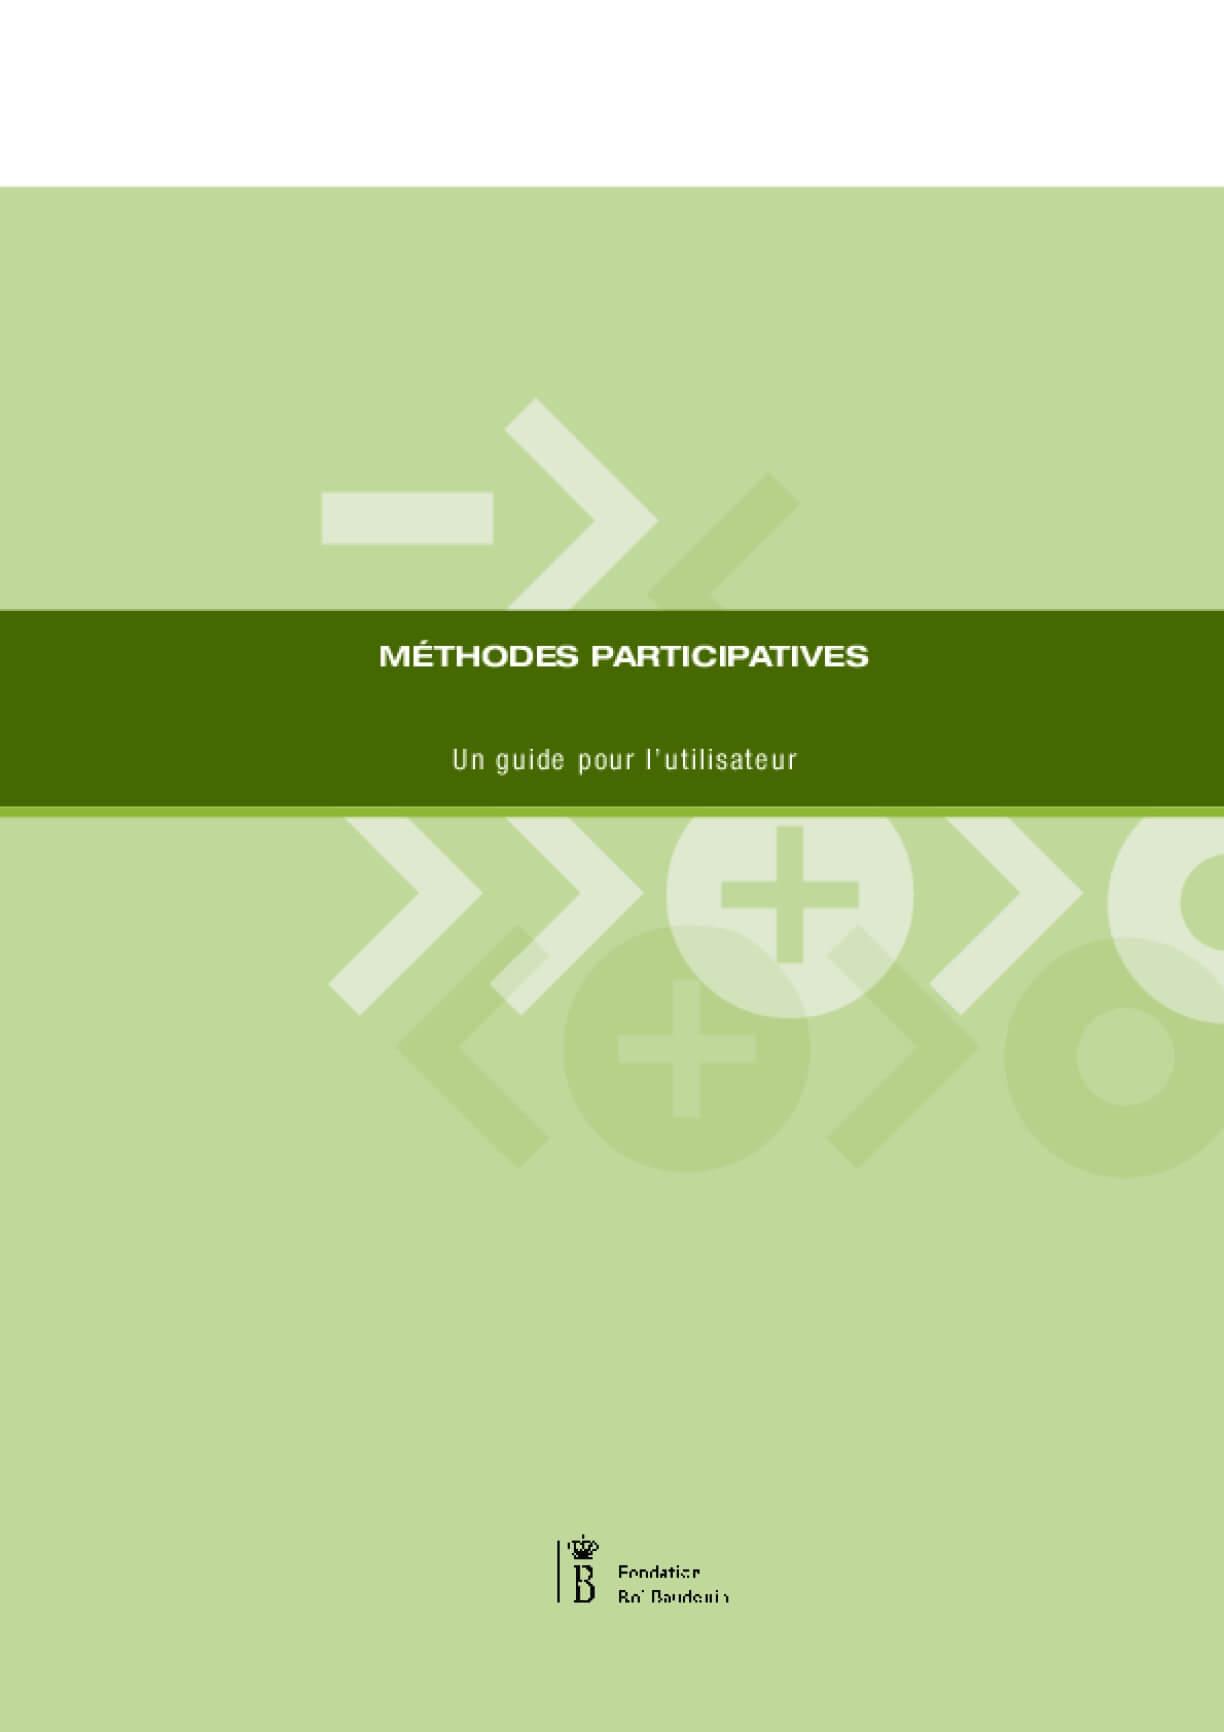 Méthodes participatives. Un guide pour l'utilisateur